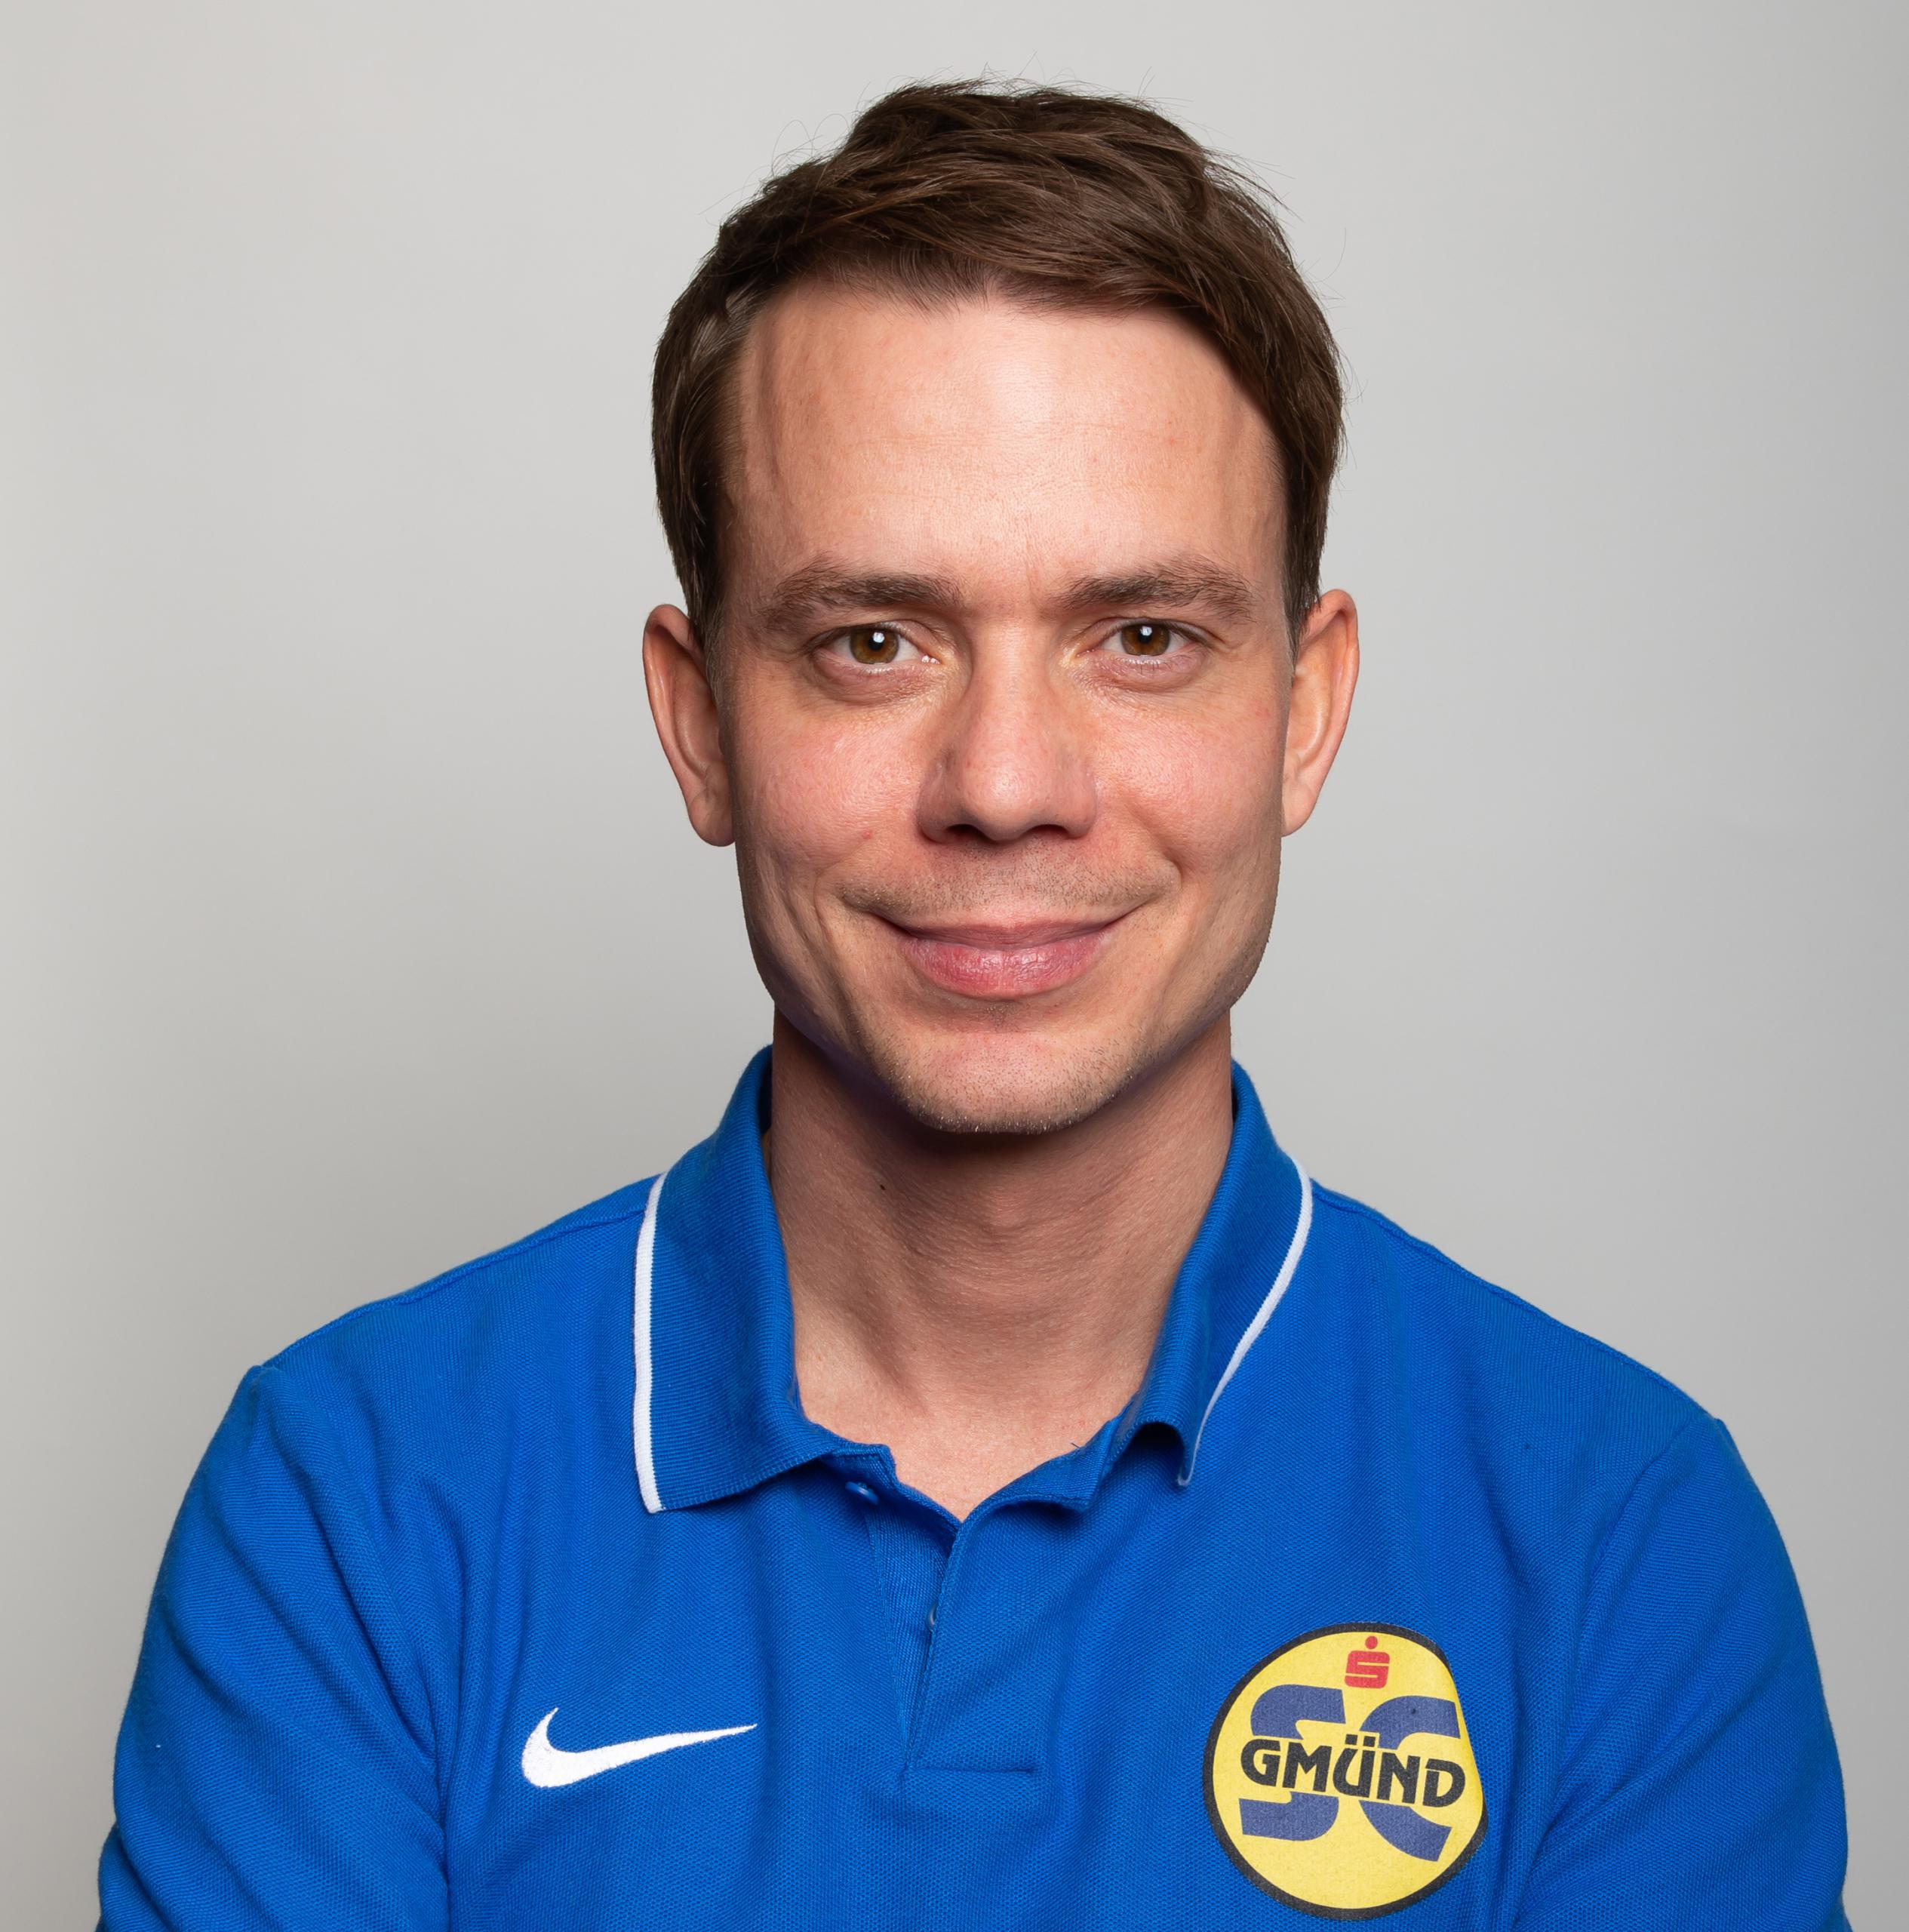 Thomas Mezera